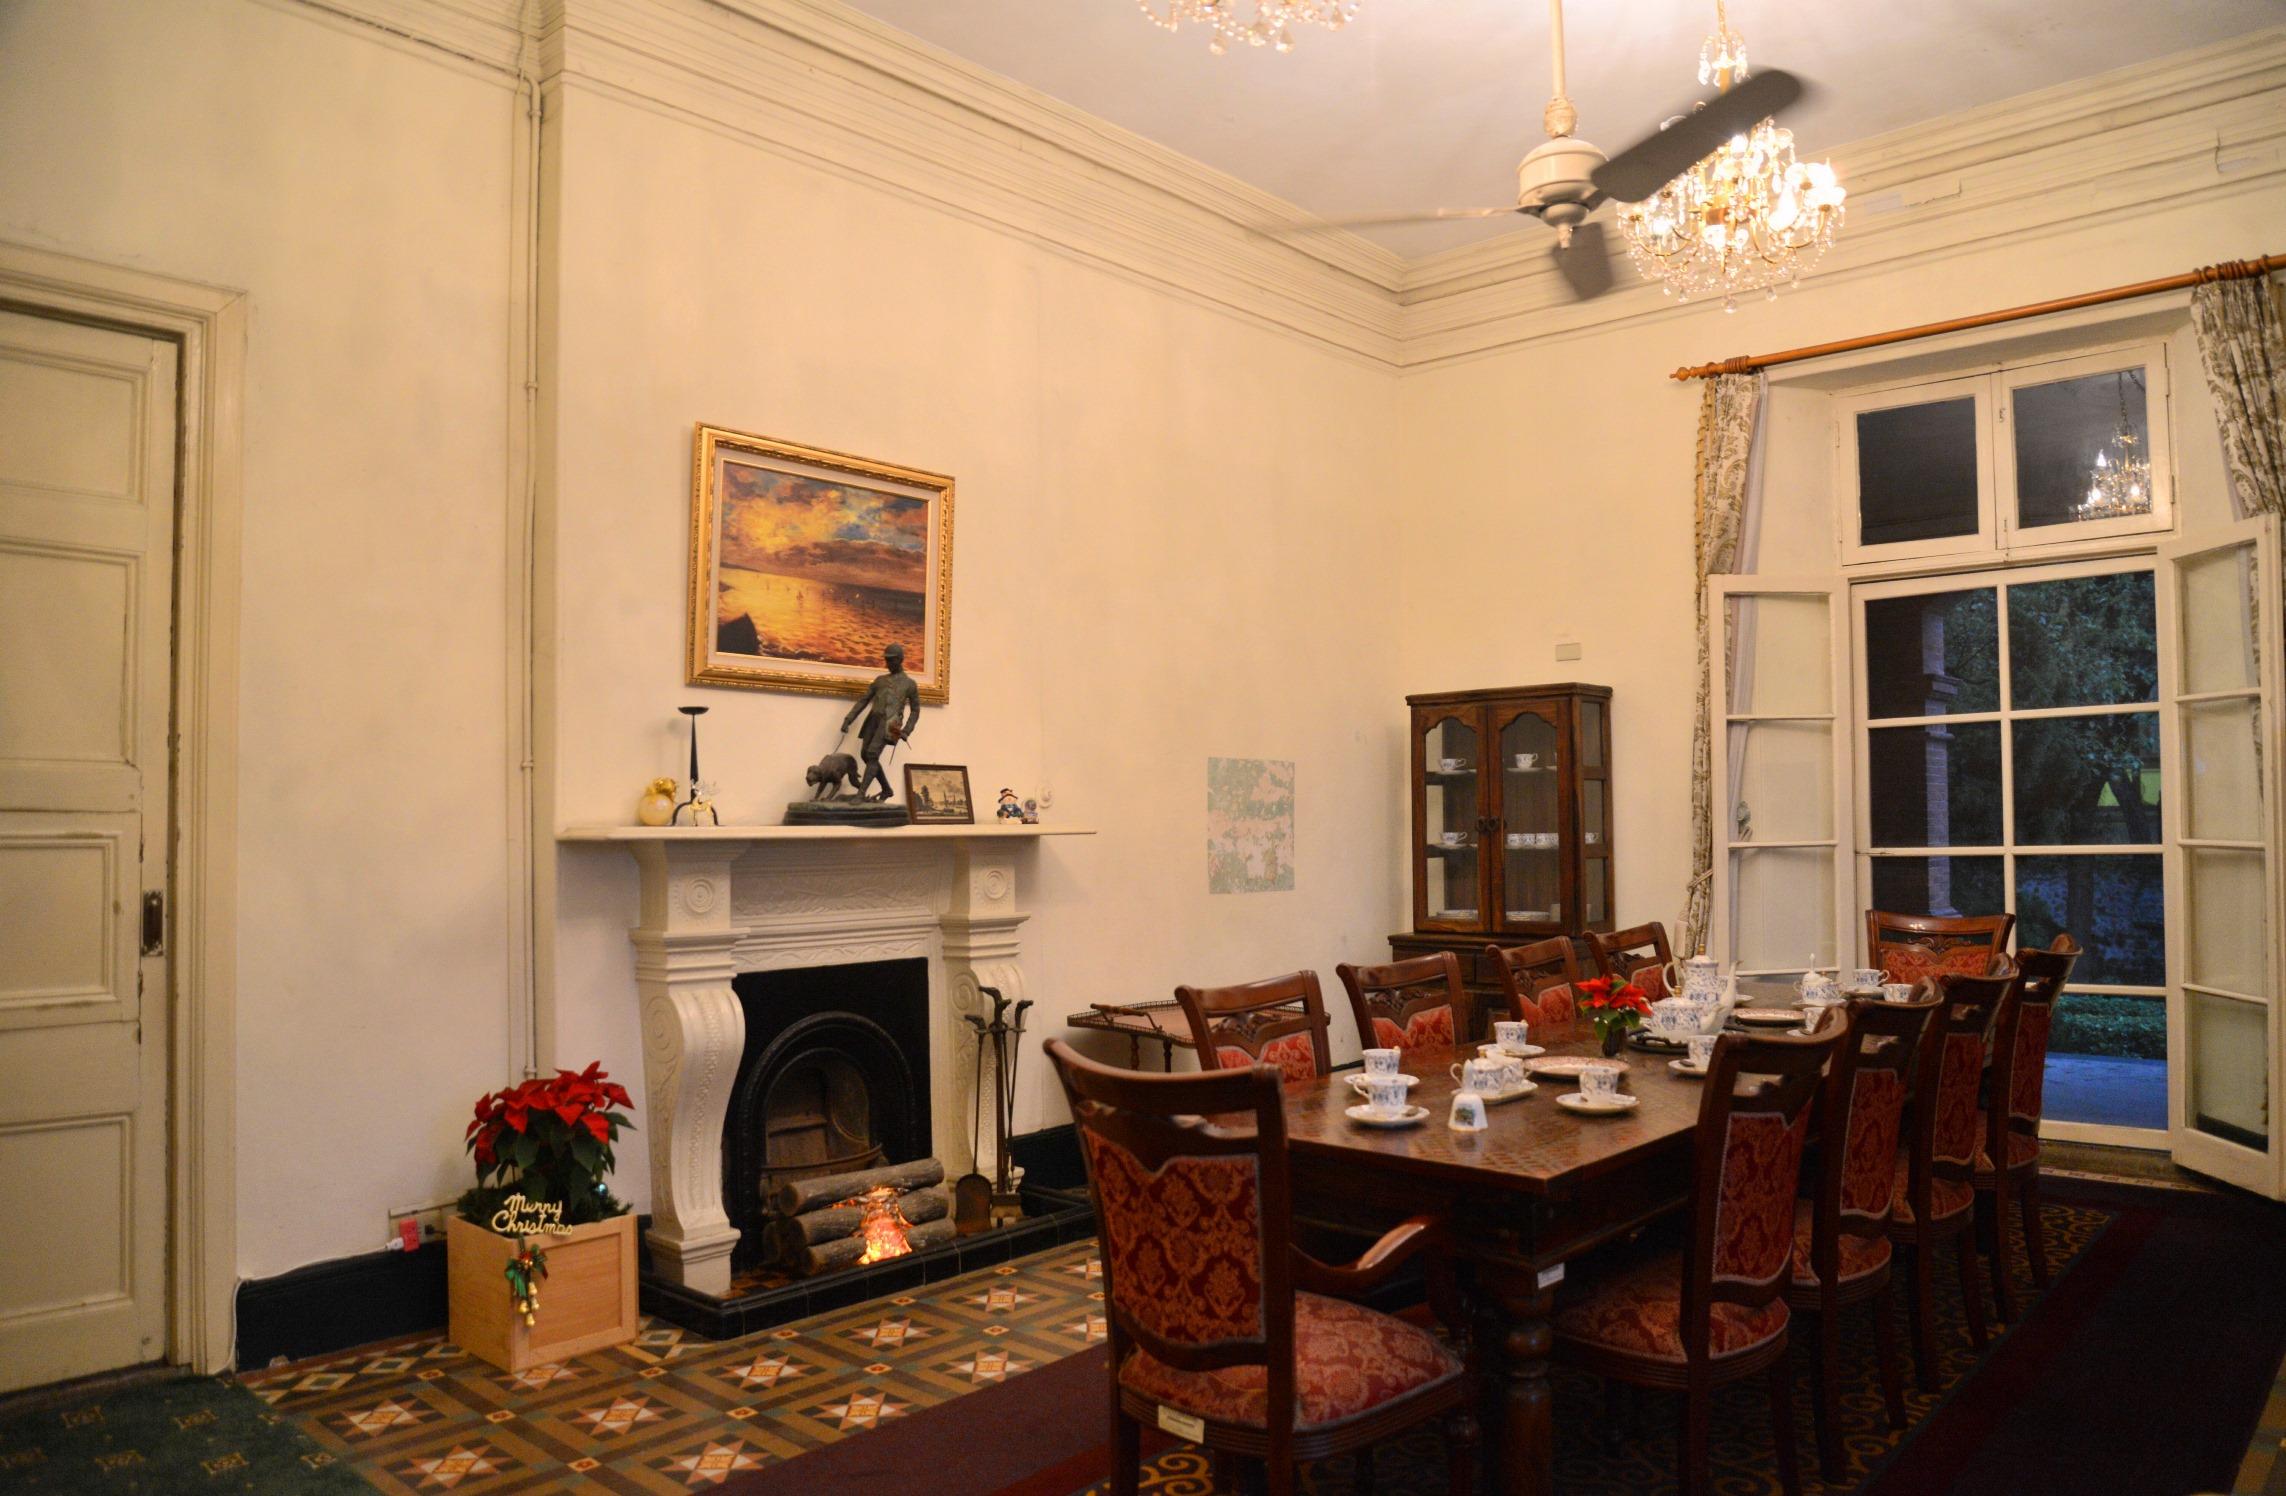 英國領事官邸裝潢設計與家具都非常精緻。